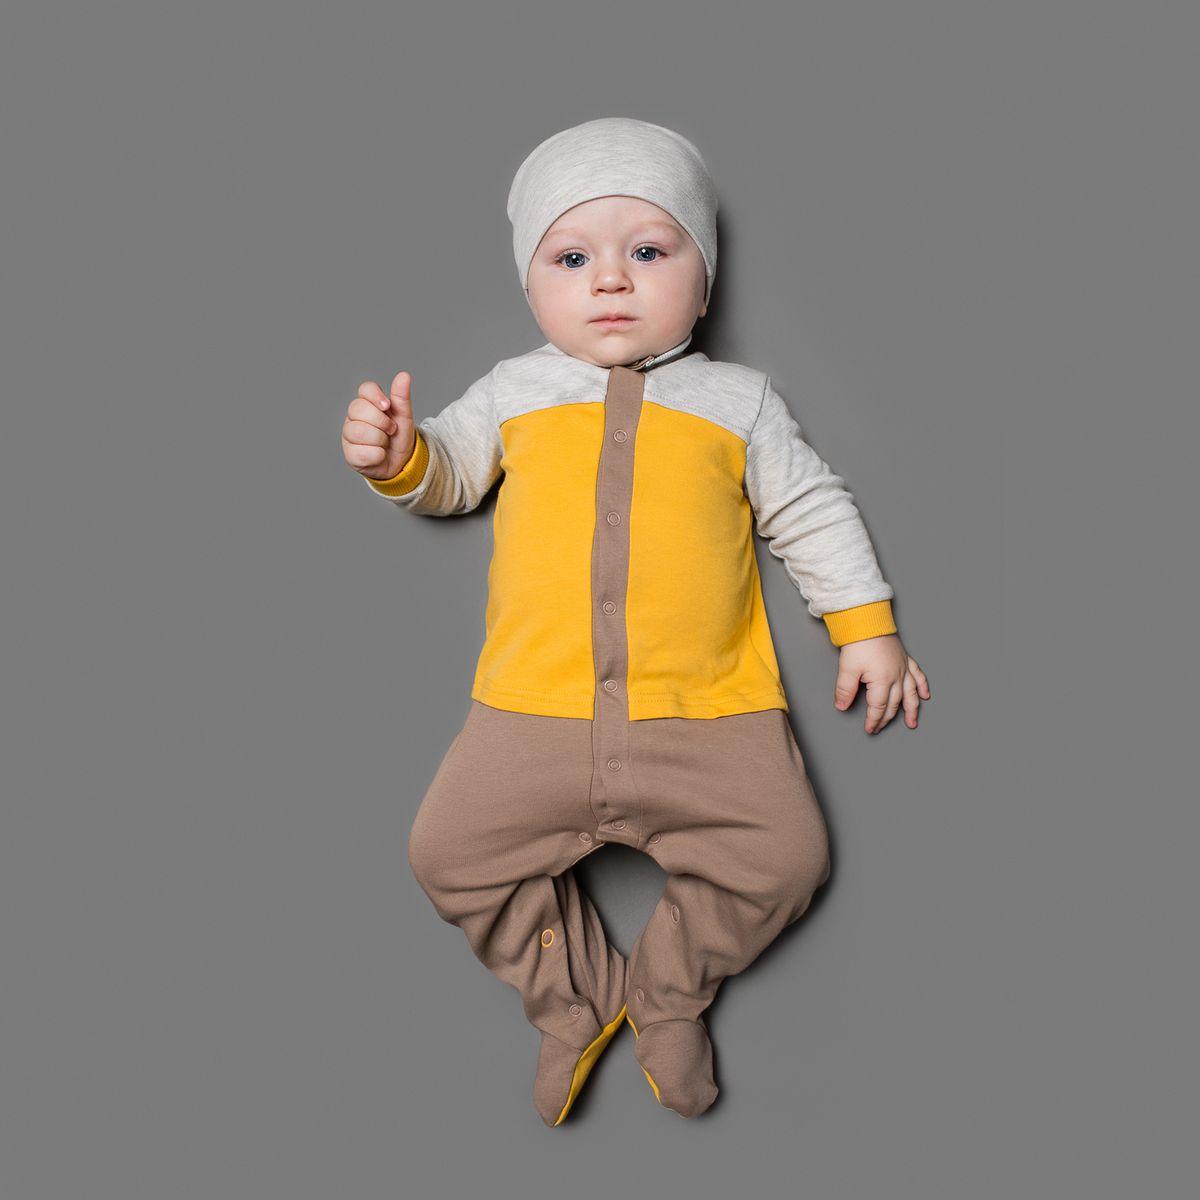 Комбинезон домашний22-248Комбинезон Ёмаё, изготовленный из интерлока - очень удобный и практичный вид одежды для малышей. Комбинезон с воротником-стойкой и закрытыми ножками застегивается кнопками посередине и на ластовице. Рукава дополнены широкими эластичными манжетами, не пережимающими ручку. Отделка верхней части изделия придает эффект 2в1 - кофточка, ползунки. Комбинезон полностью соответствует особенностям жизни младенца в ранний период, не стесняя и не ограничивая его в движениях!